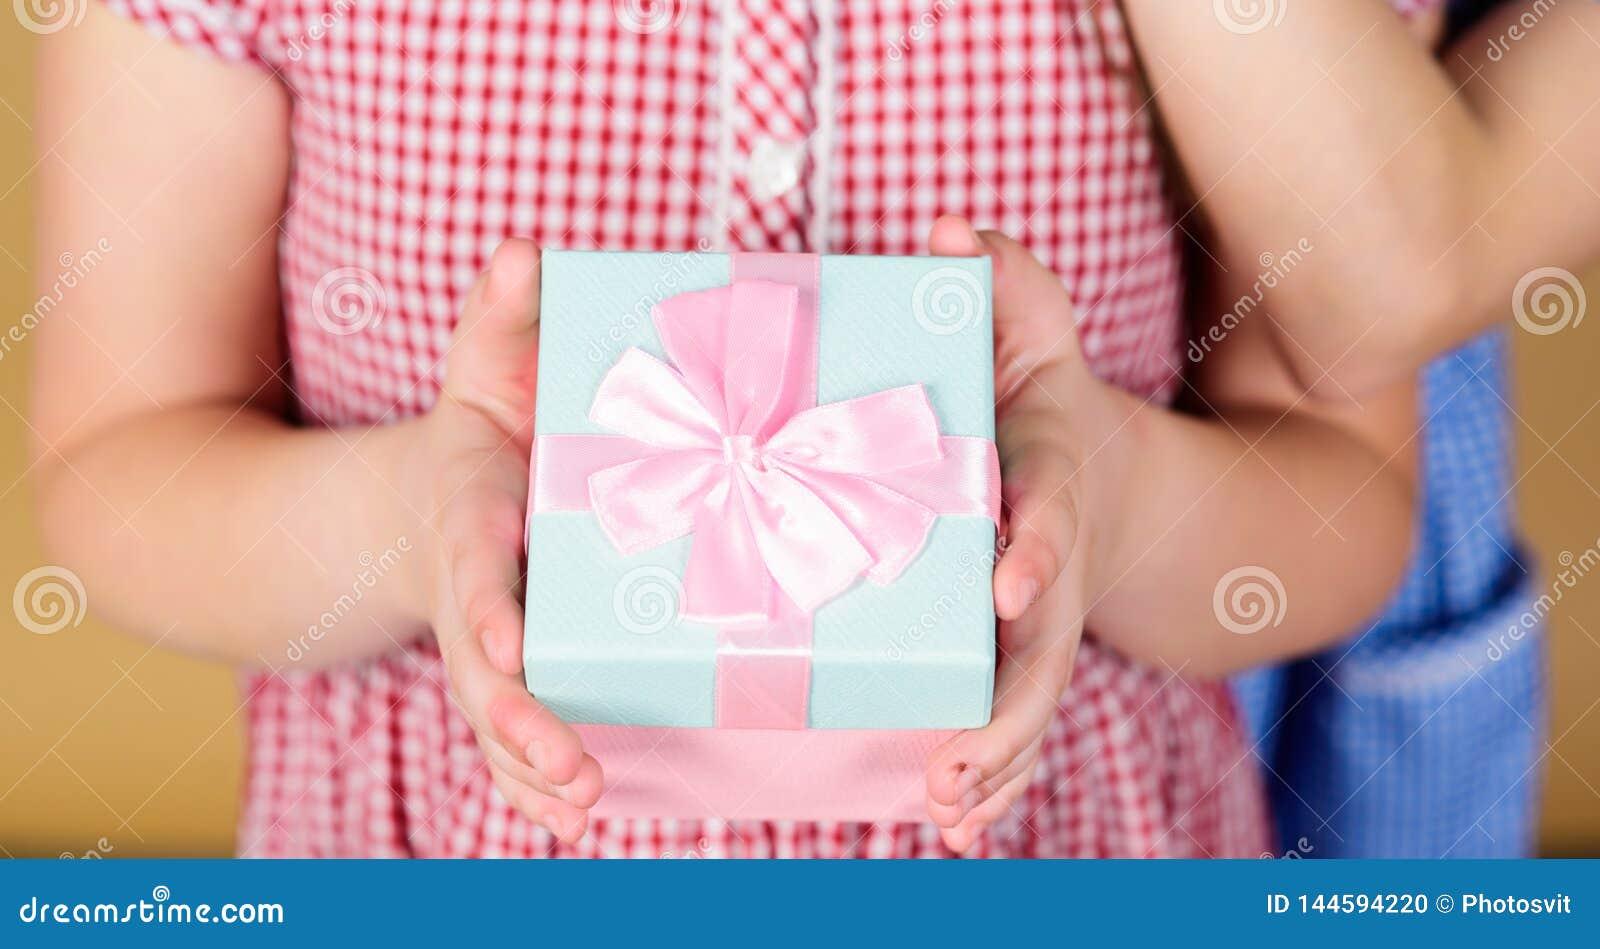 Ta detta Aktie och generositet Tacka dig s? mycket Bakgrund f?r ask f?r barnh?llg?va beige F?rtjust g?va f?r ungeflicka flicka